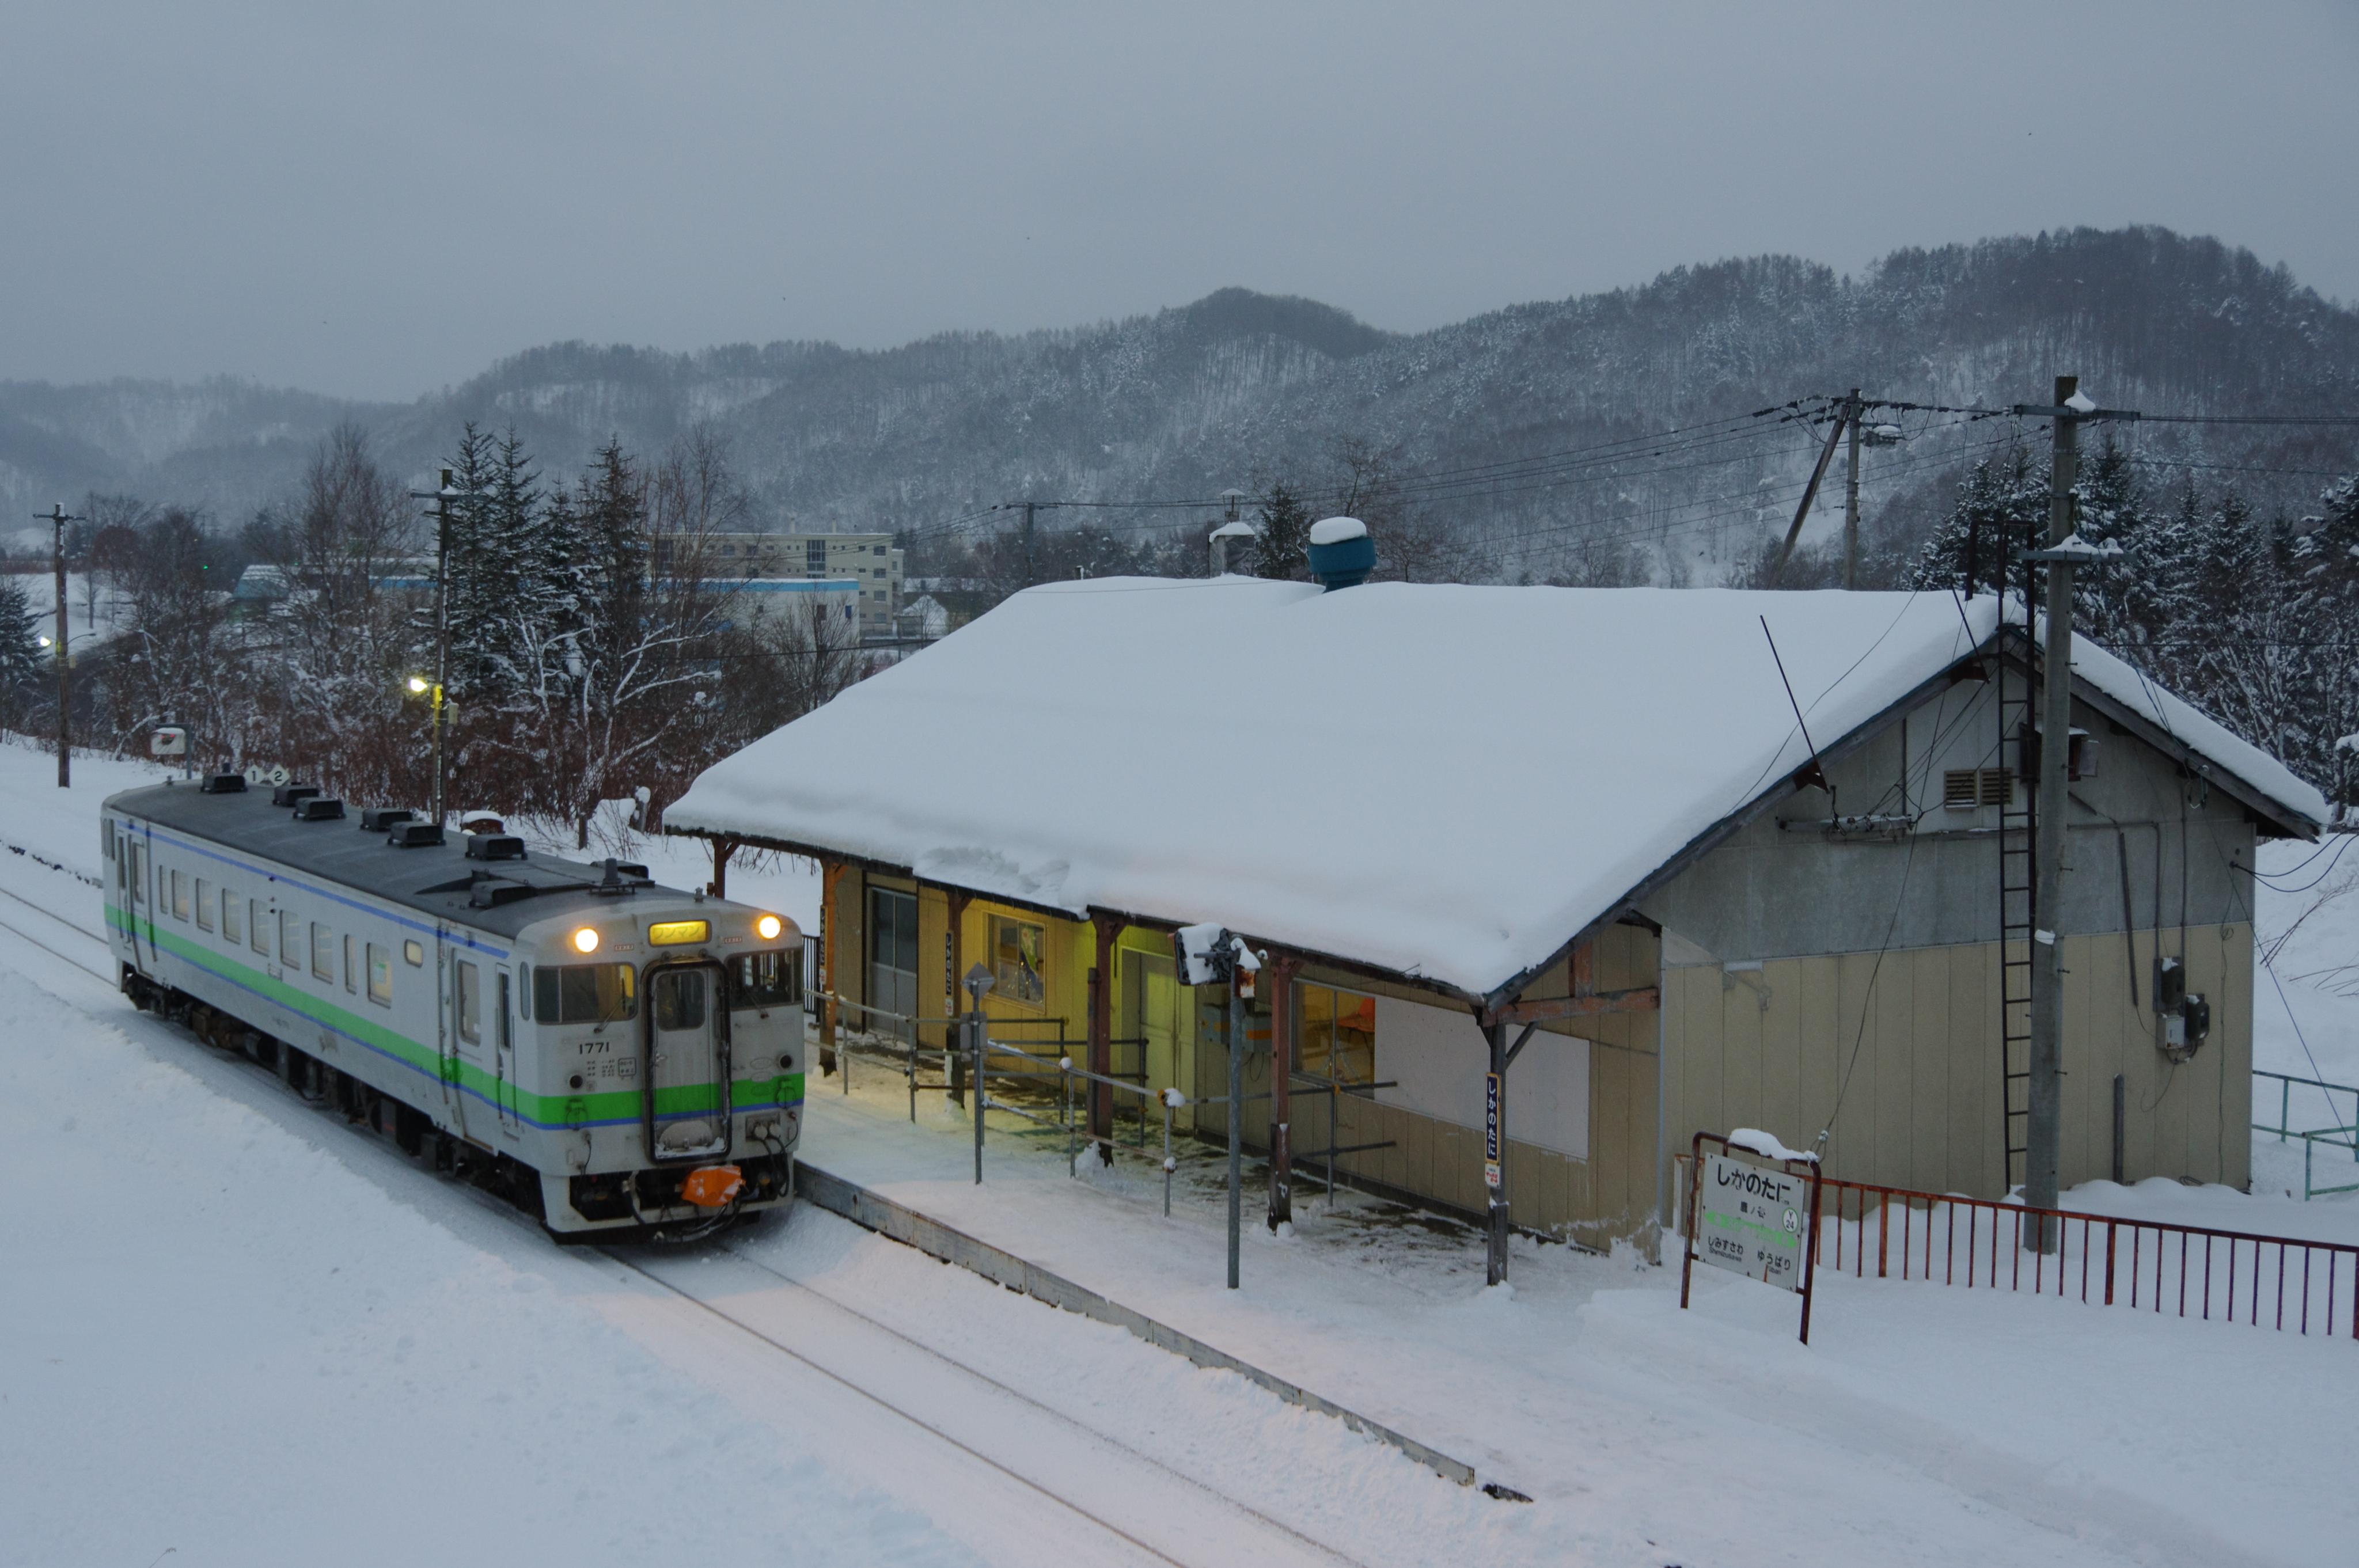 キハ40 2621D 鹿ノ谷駅 181222.jpg